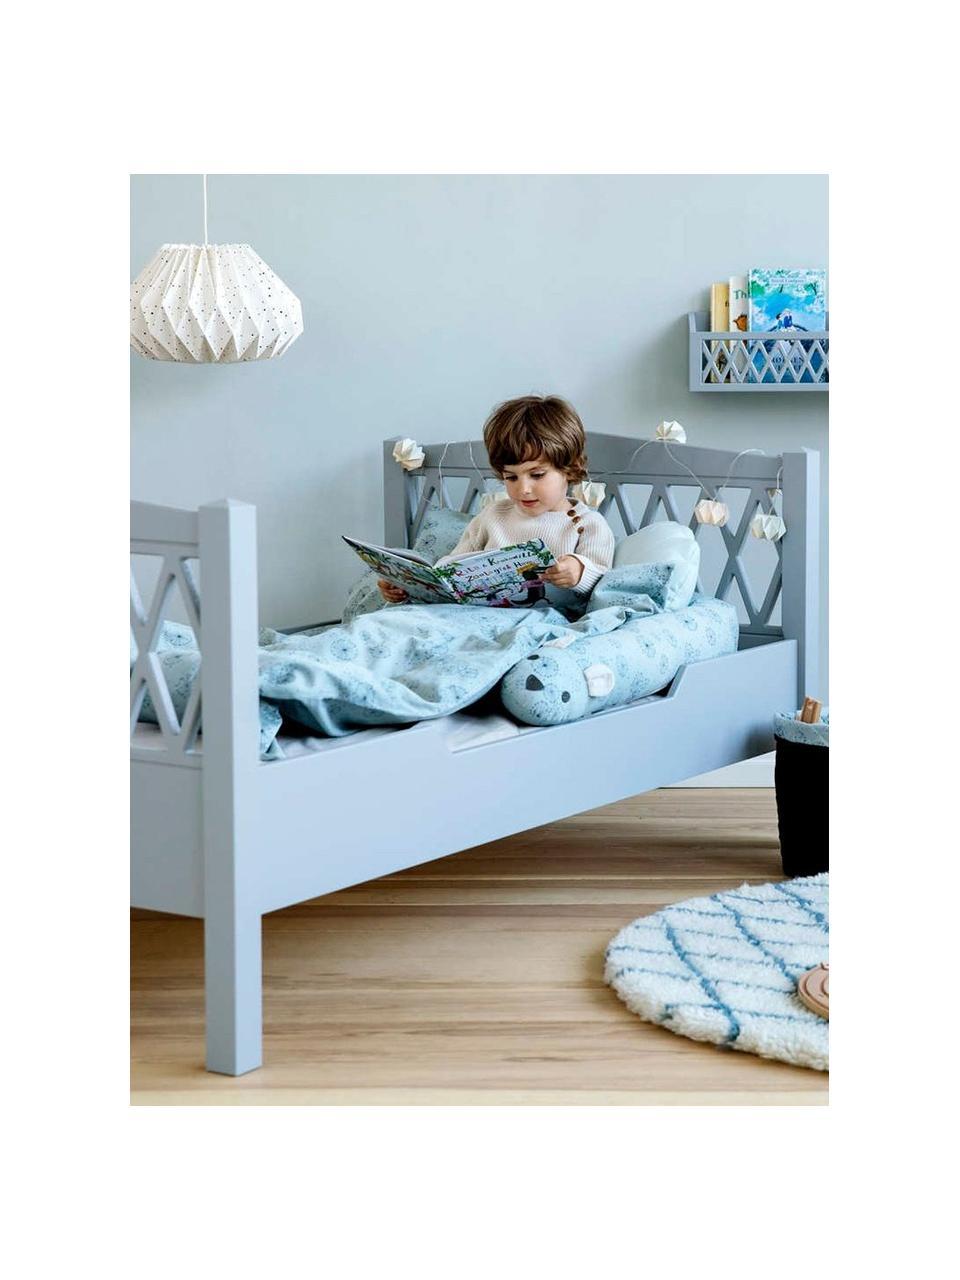 Holz-Kinderbett Harlequin, Kiefernholz, Mitteldichte Holzfaserplatte (MDF), lackiert mit VOC-freier Farbe, Grau, 100 x 170 cm